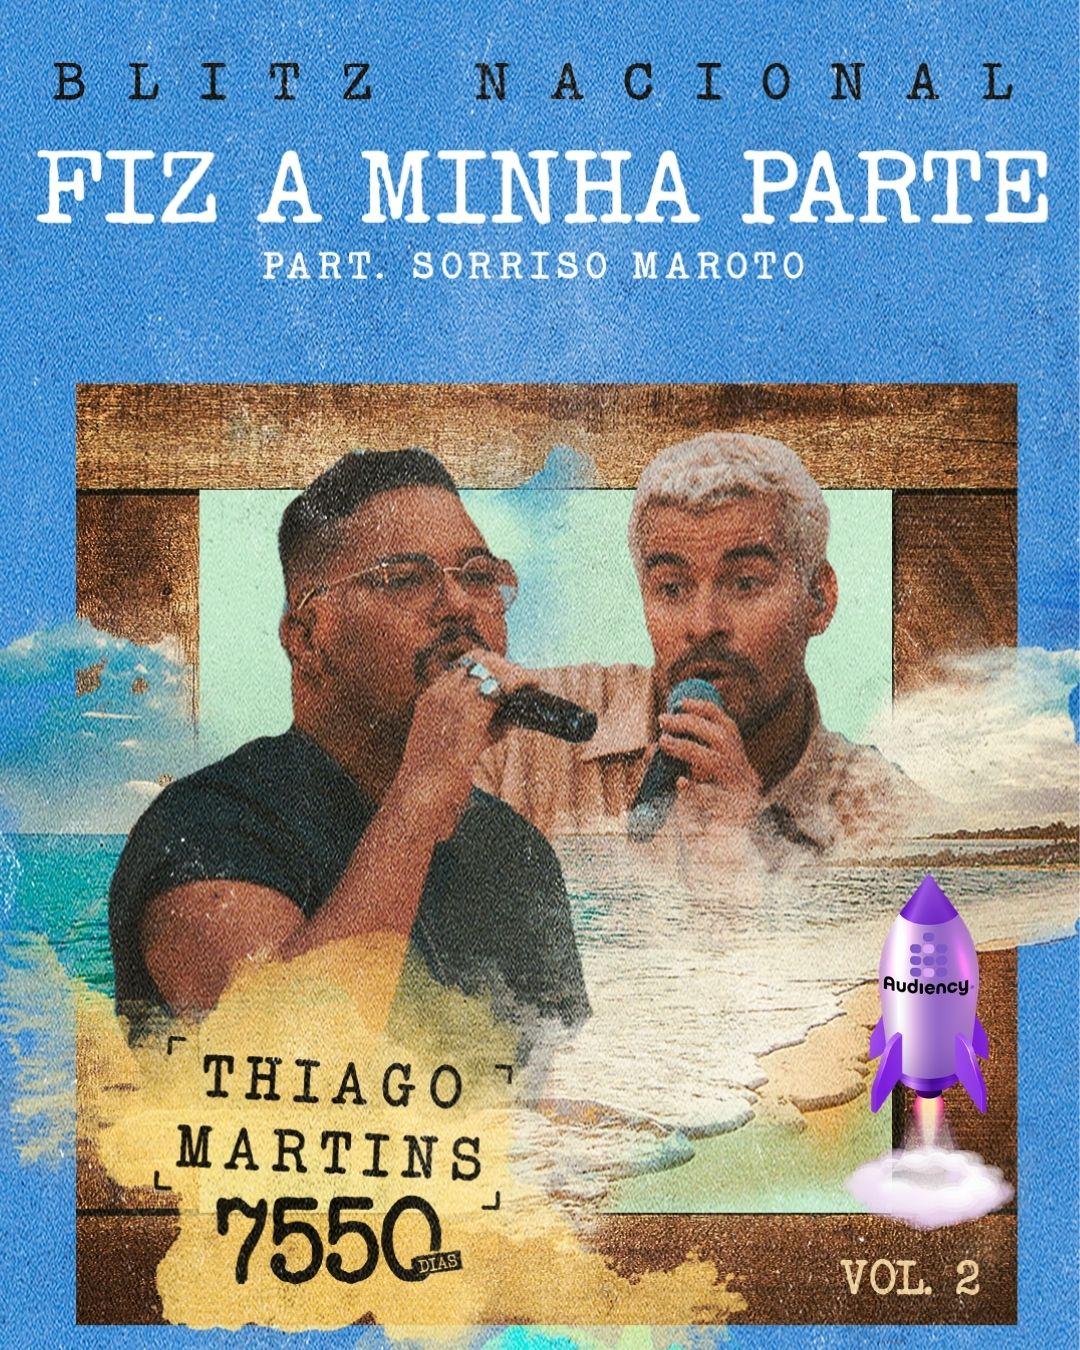 Thiago Martins fiz a minha parte audiency